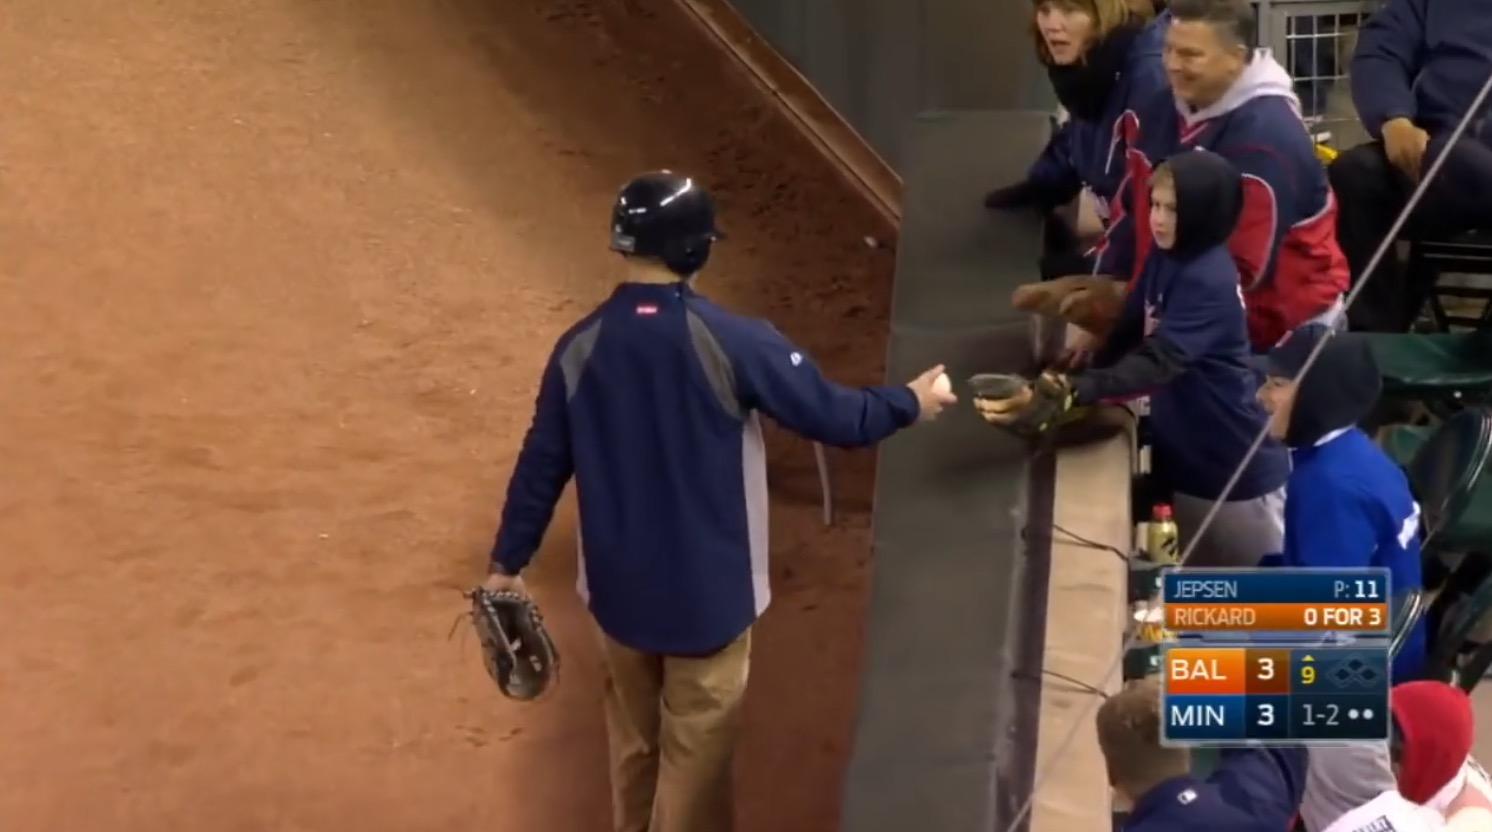 打球が観客席の子どもに当たりそうに!「危ない!」と思ったその時、ボールボーイがナイスプレイで観客拍手喝采!!